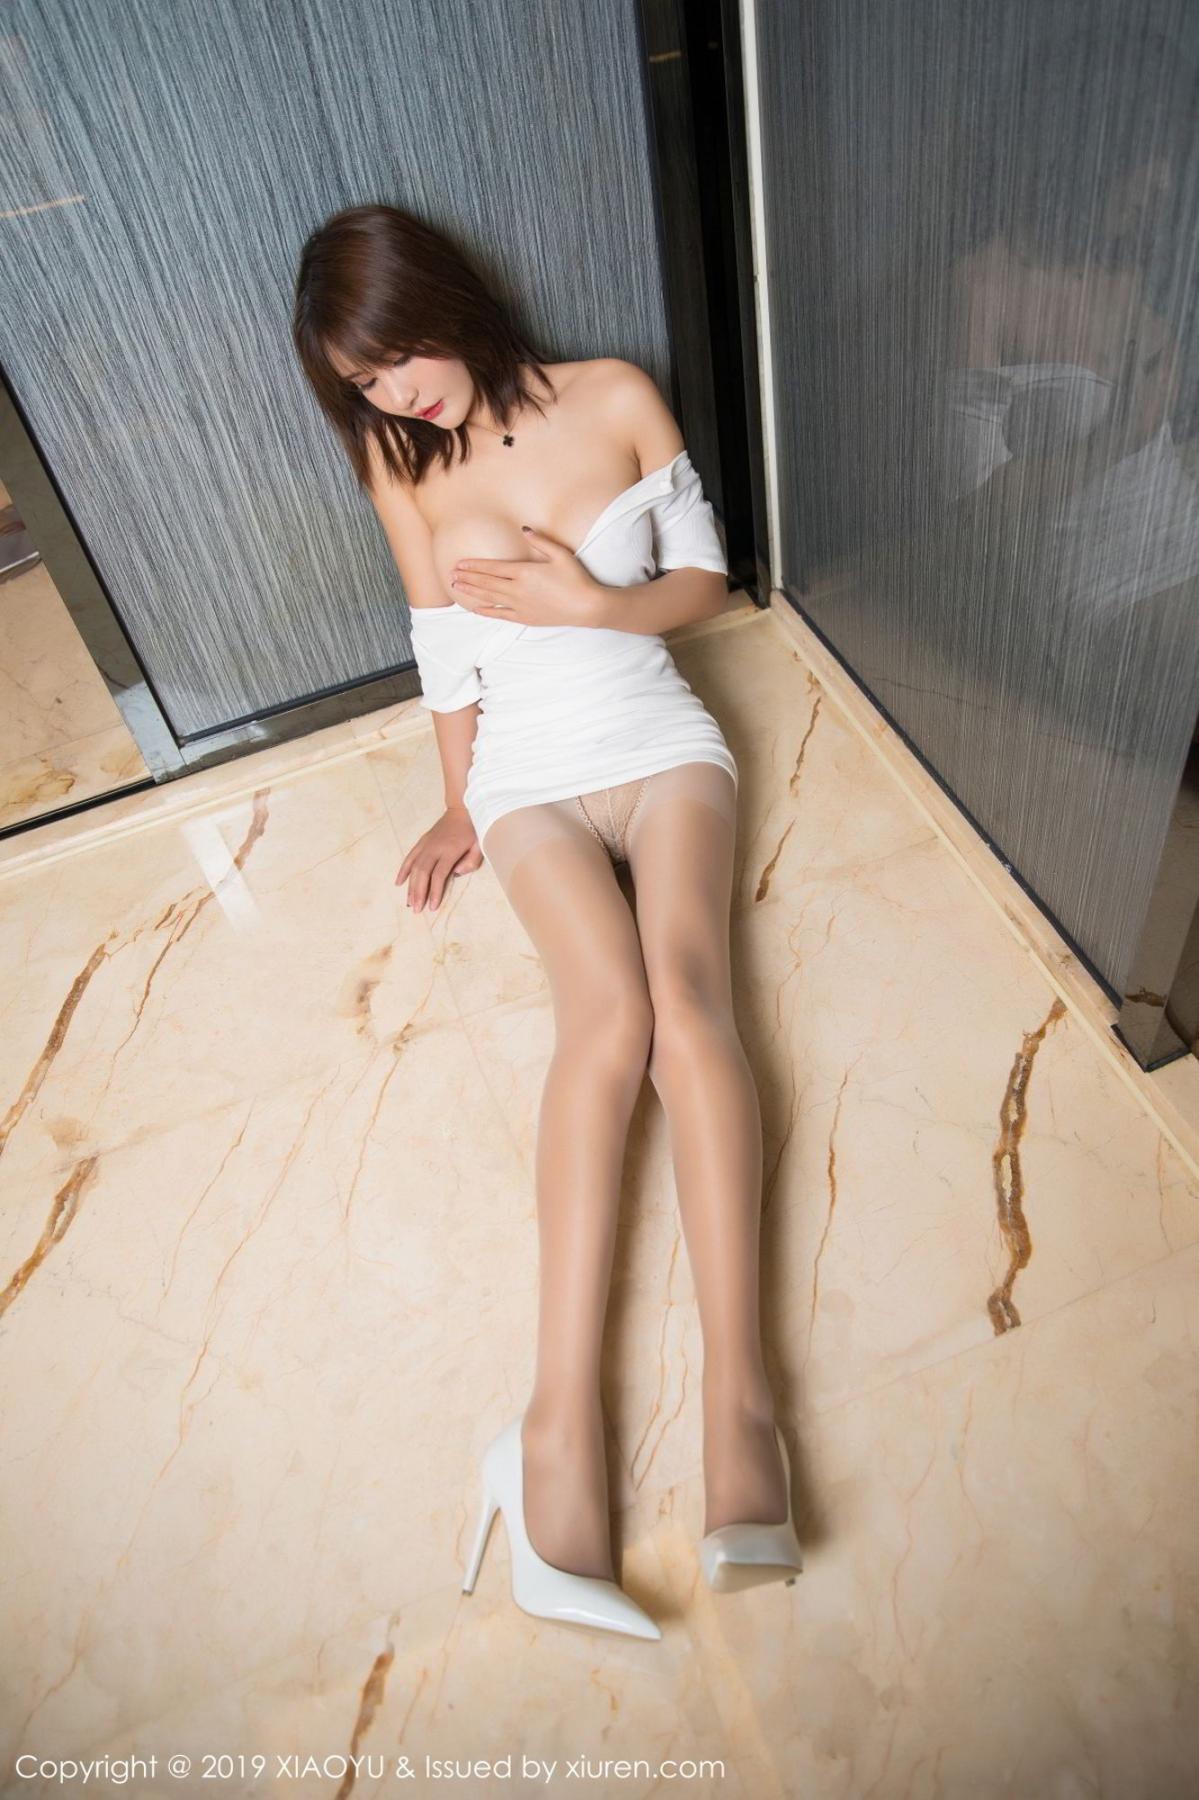 [XiaoYu] Vol.112 Solo Yi Fei 30P, Solo Yi Fei, Underwear, XiaoYu